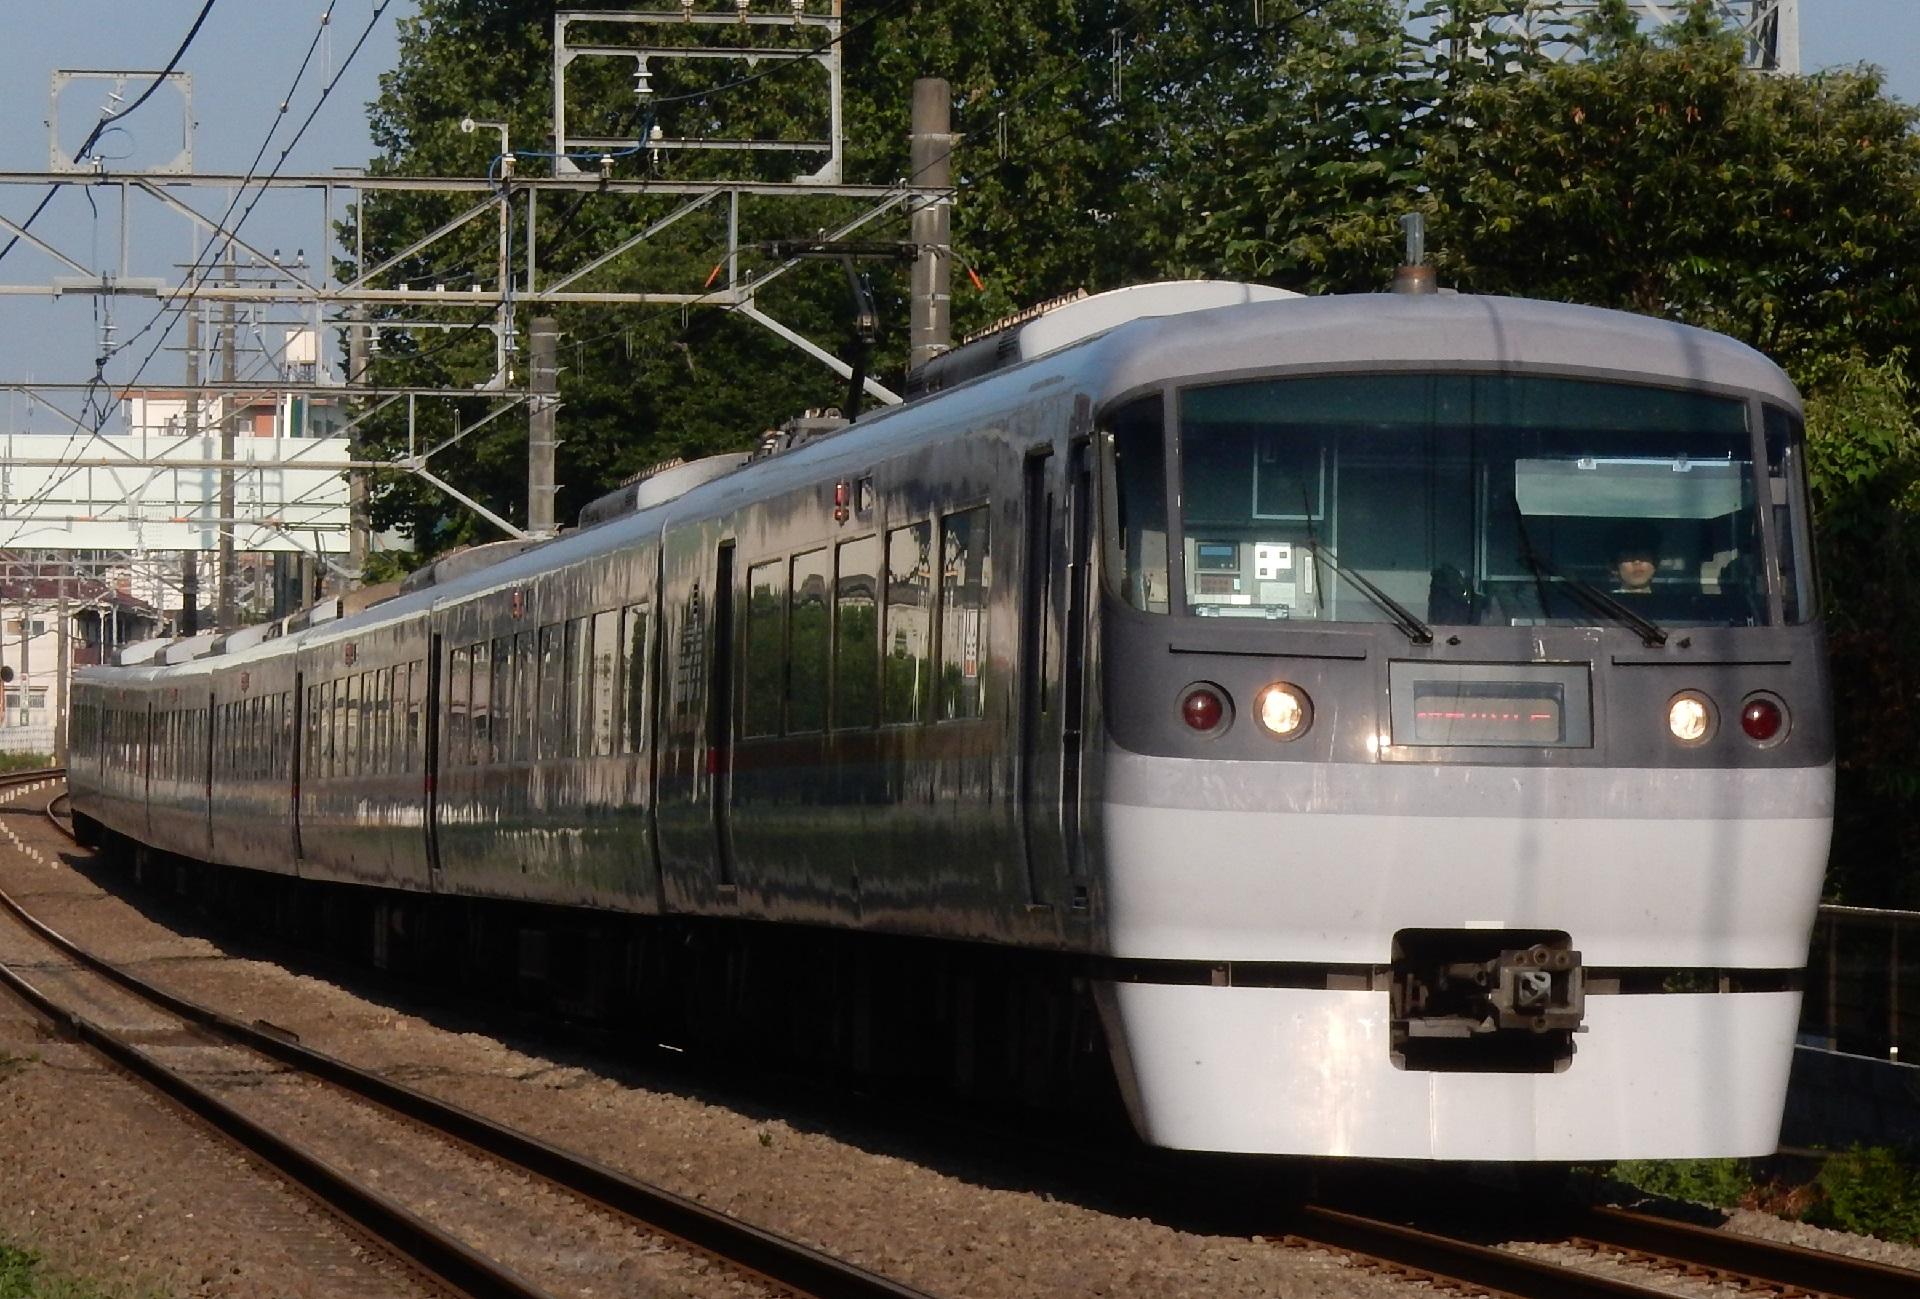 DSCN4748 - コピー